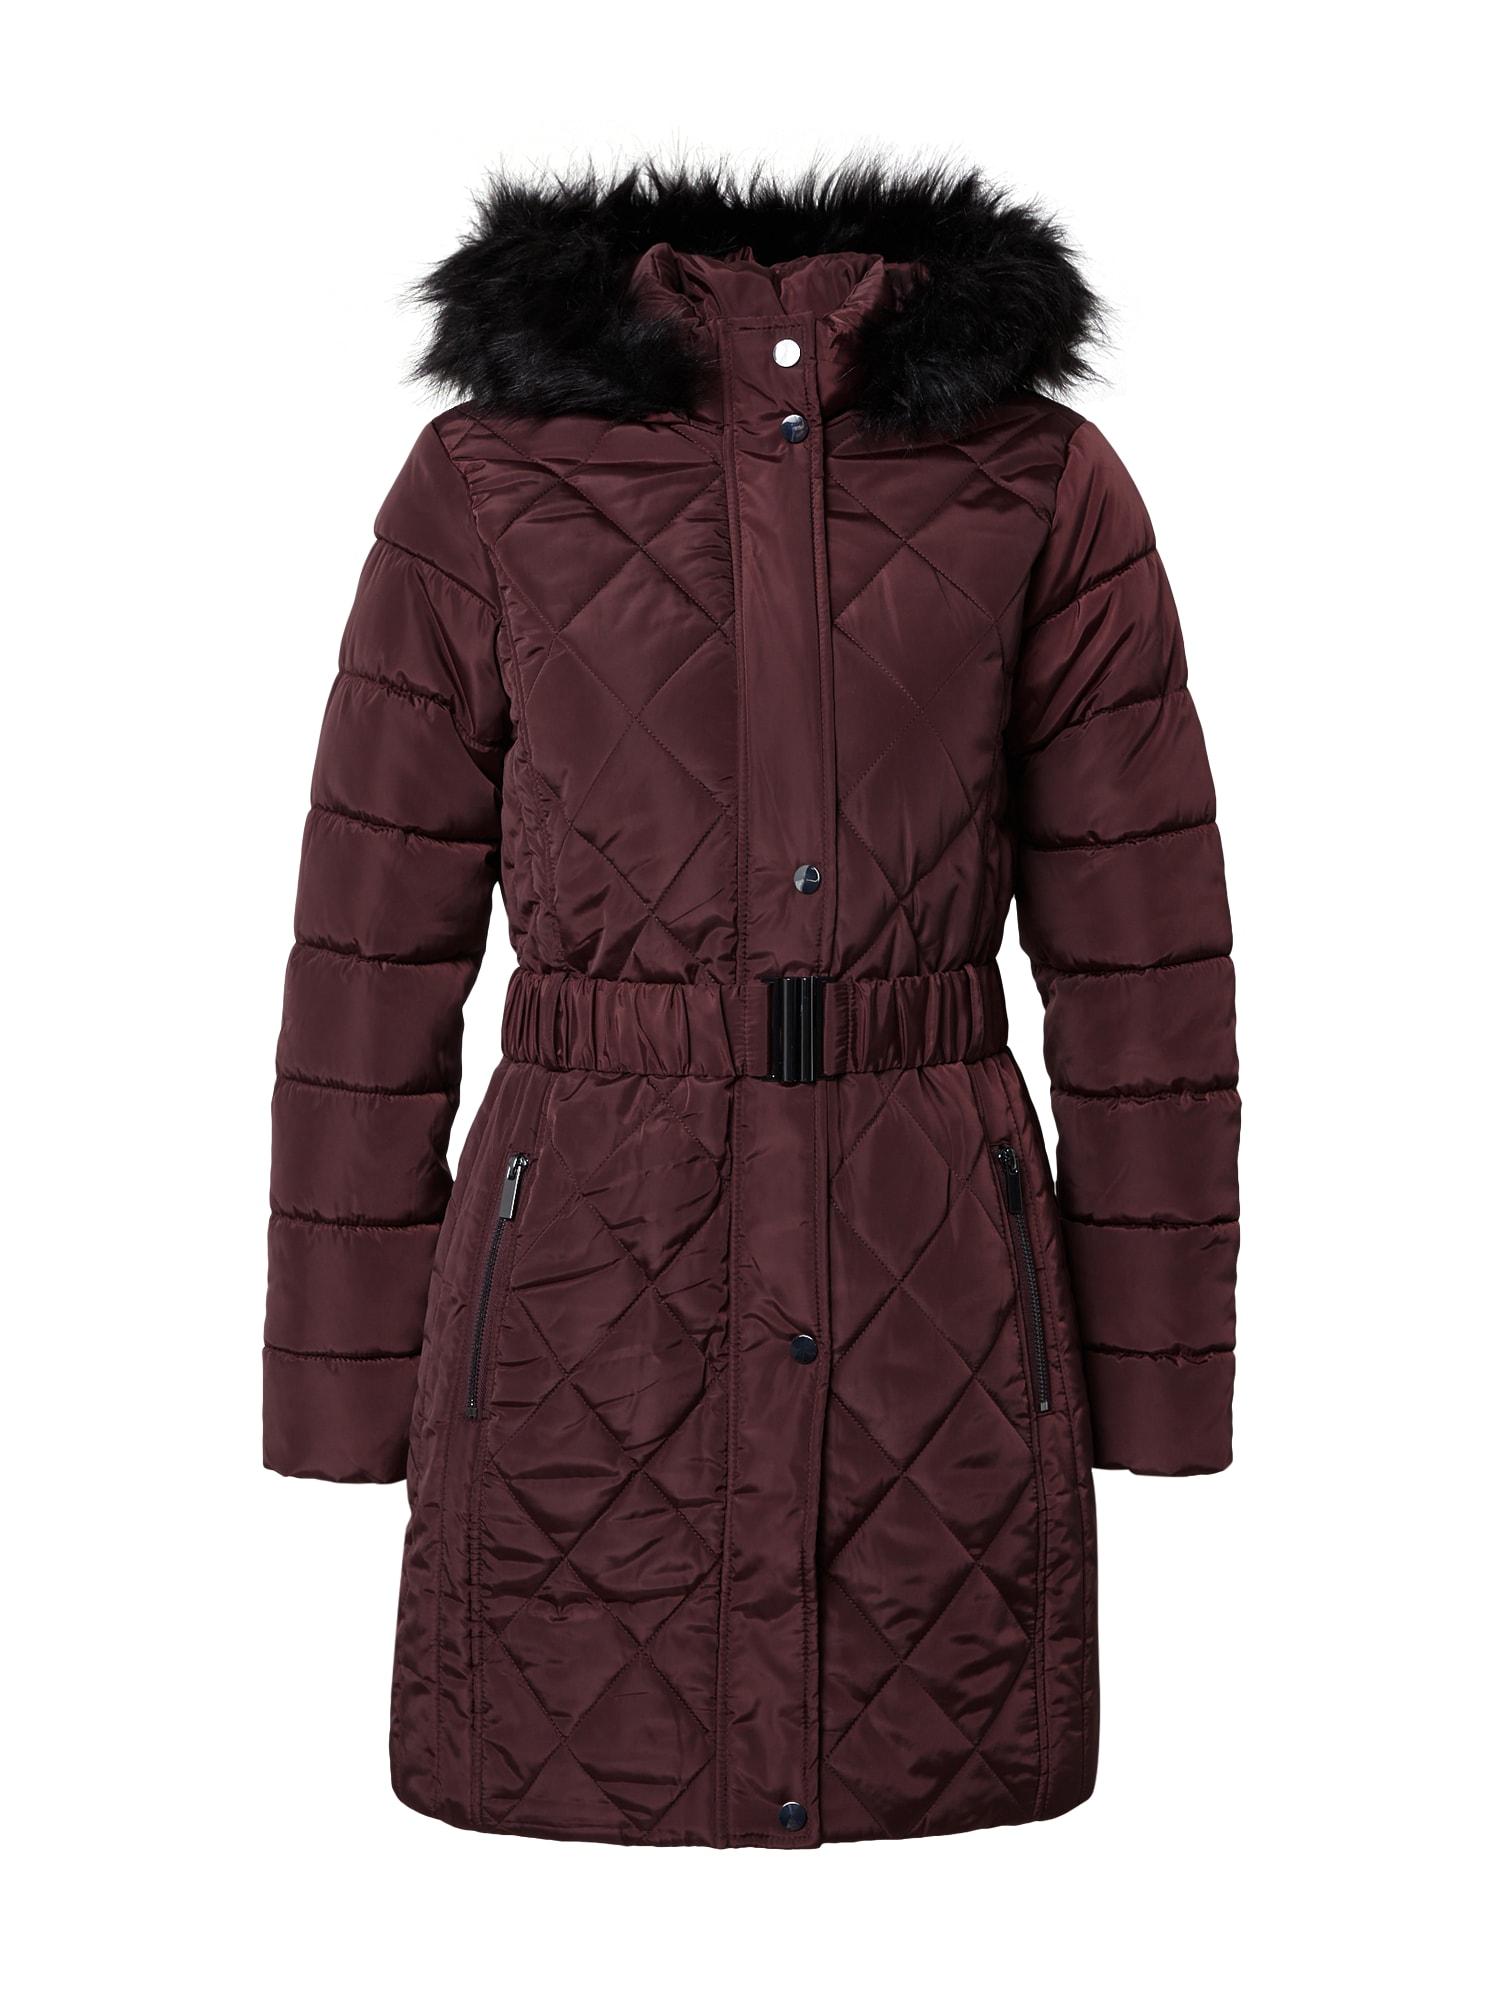 Dorothy Perkins Žieminis paltas vyno raudona spalva